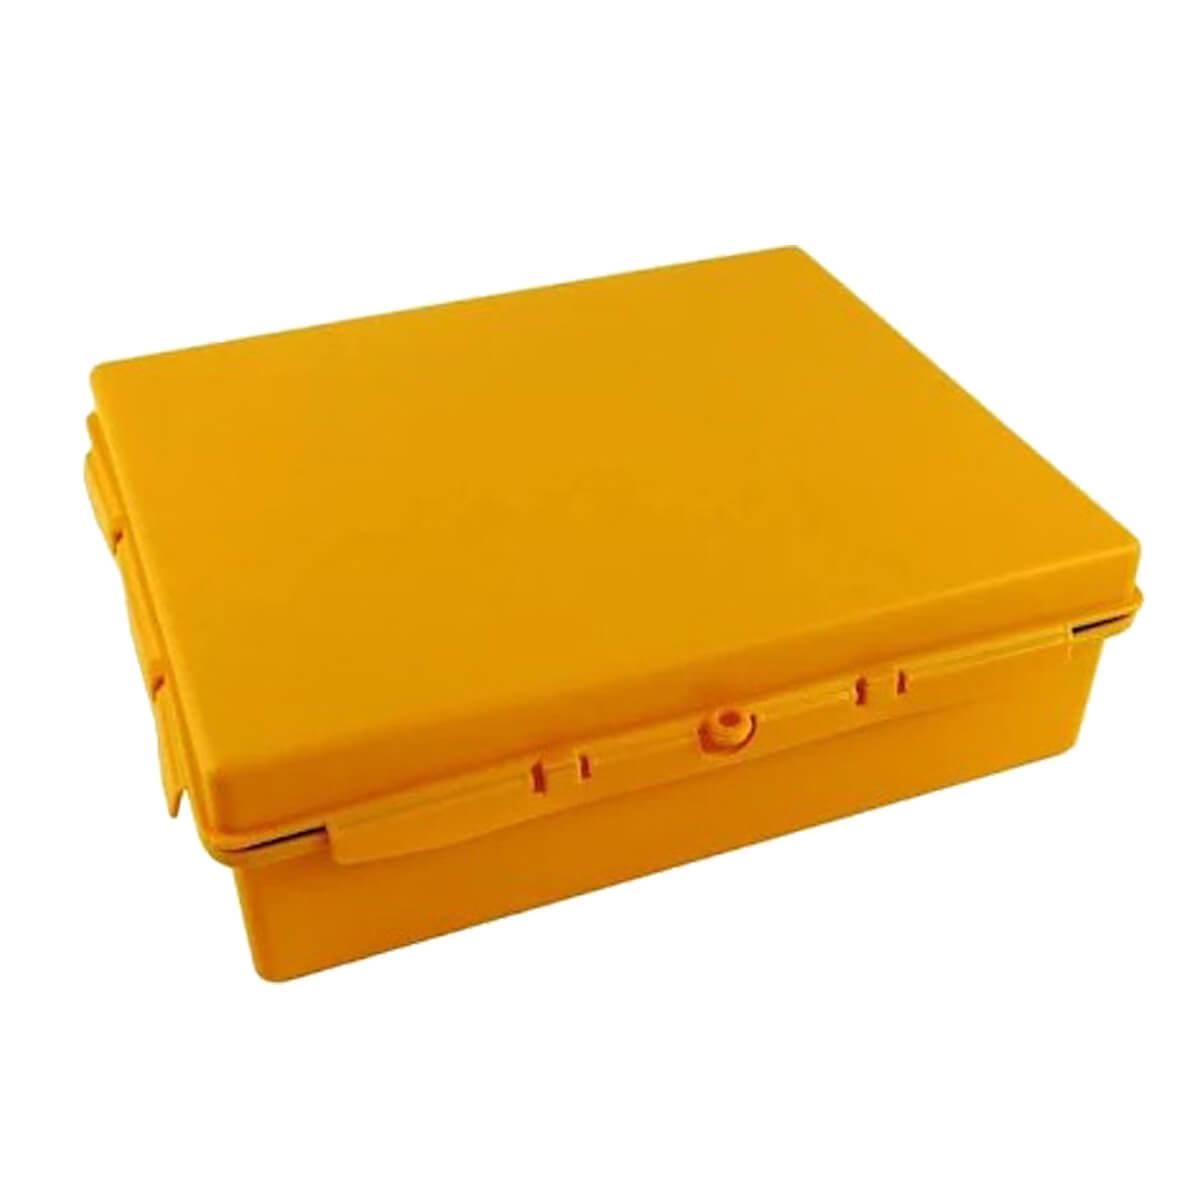 Estojo Emifran Impermeável c/ Vedação En 490 Amarelo  - Pró Pesca Shop